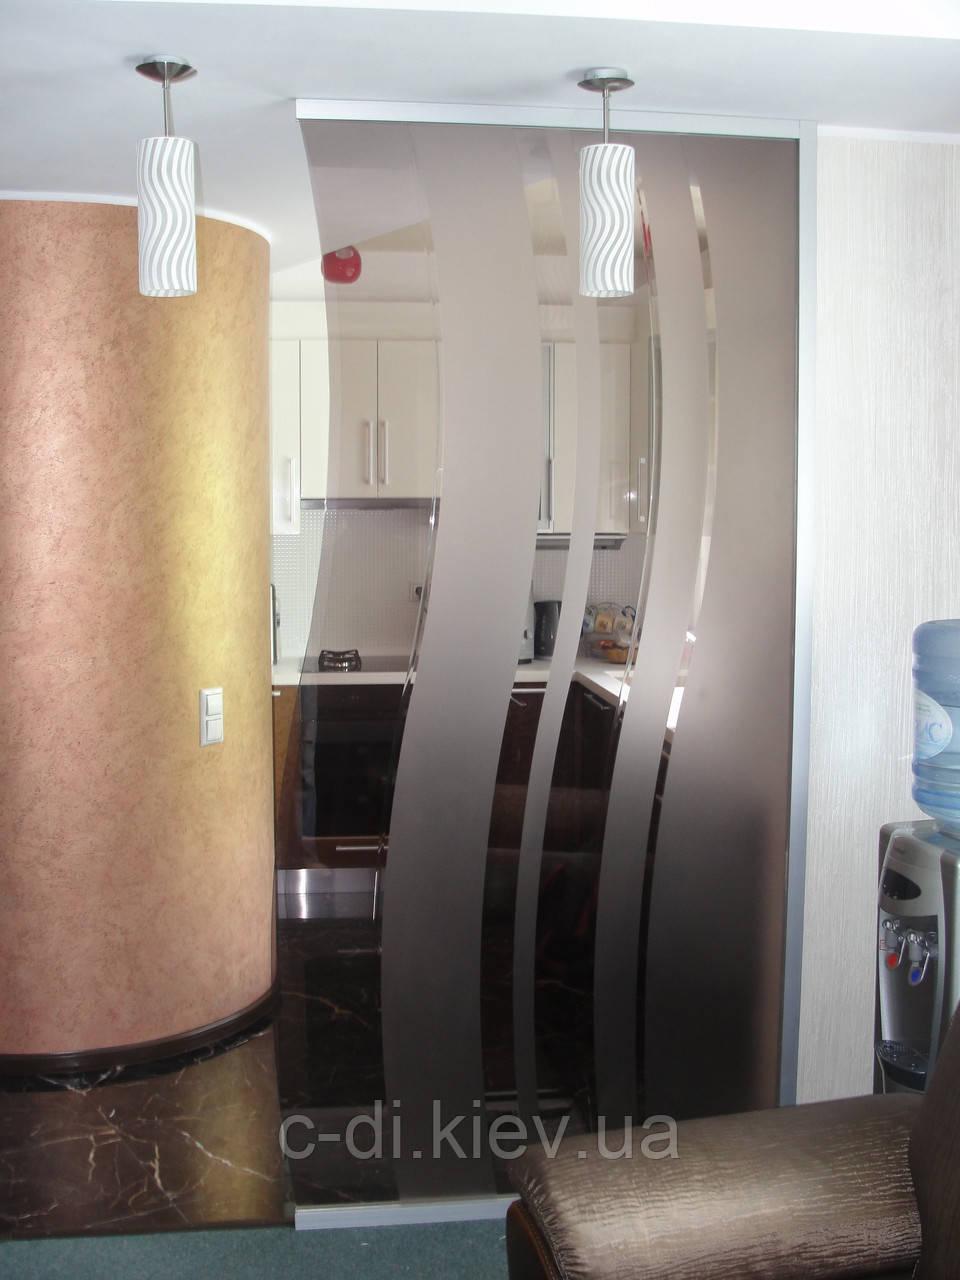 Стеклянные перегородки стационарные с рисунком